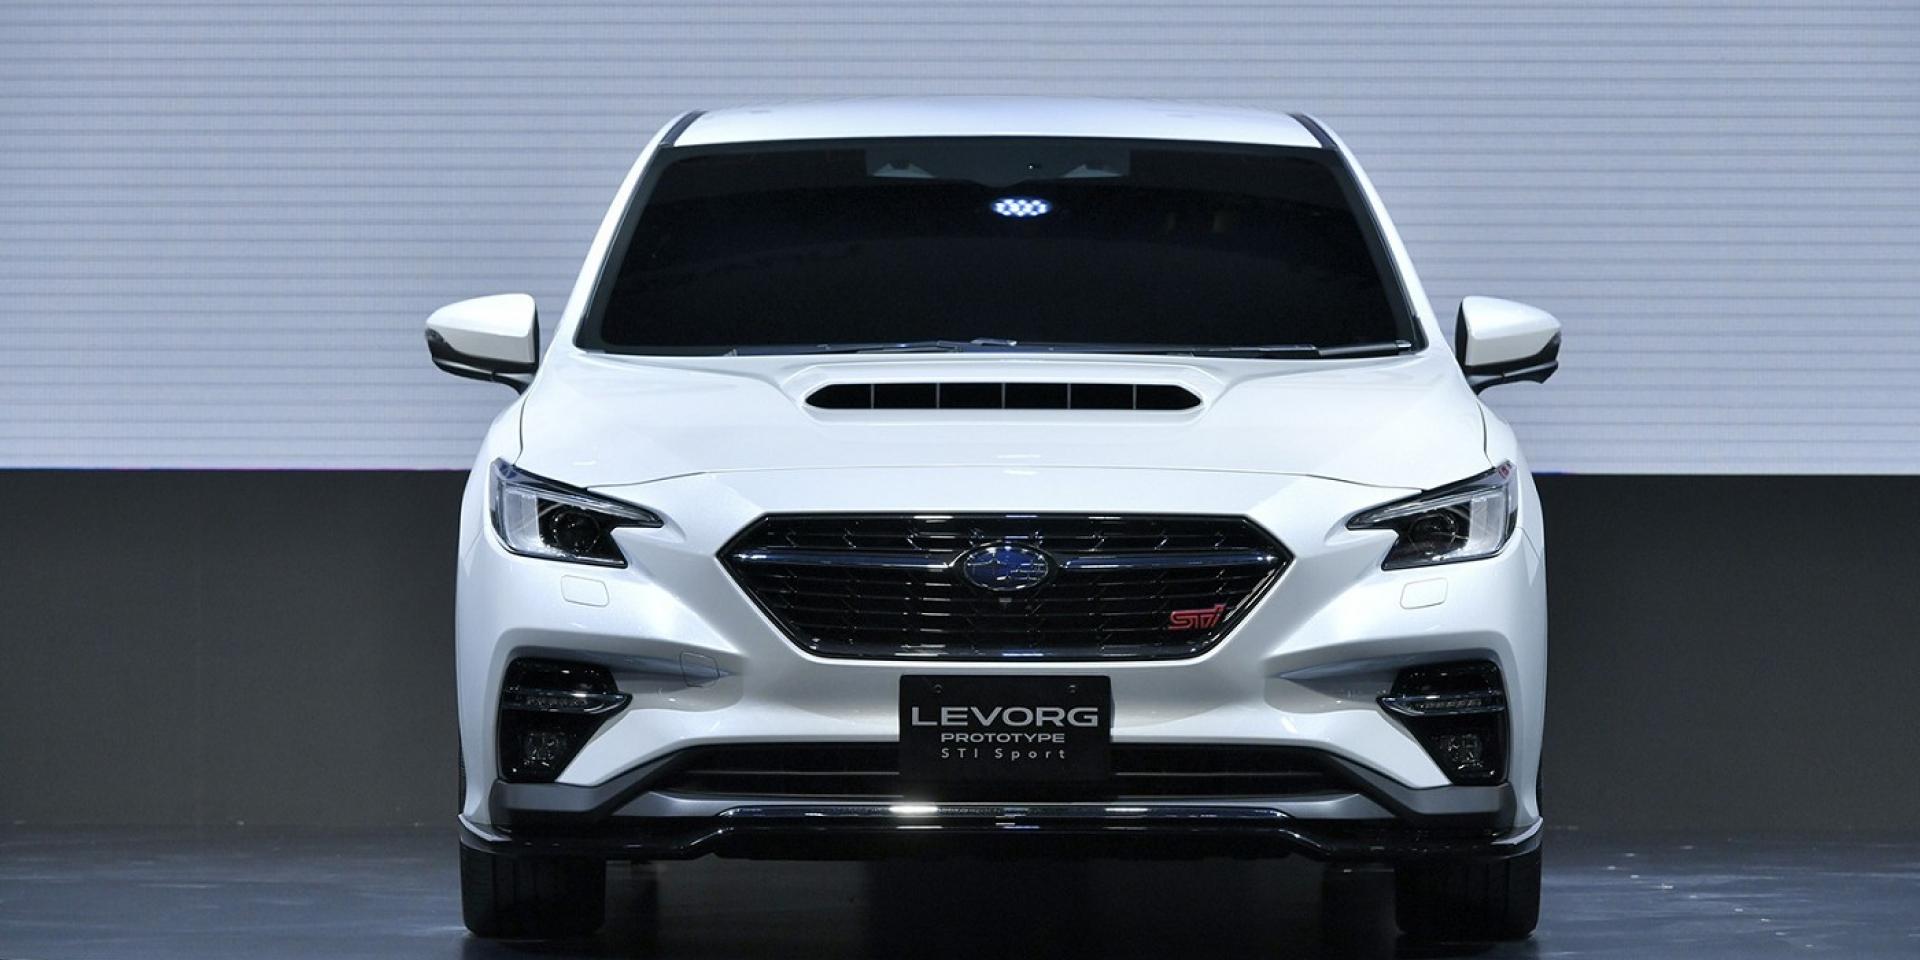 東京車展亮相Subaru Levorg Prototype STI